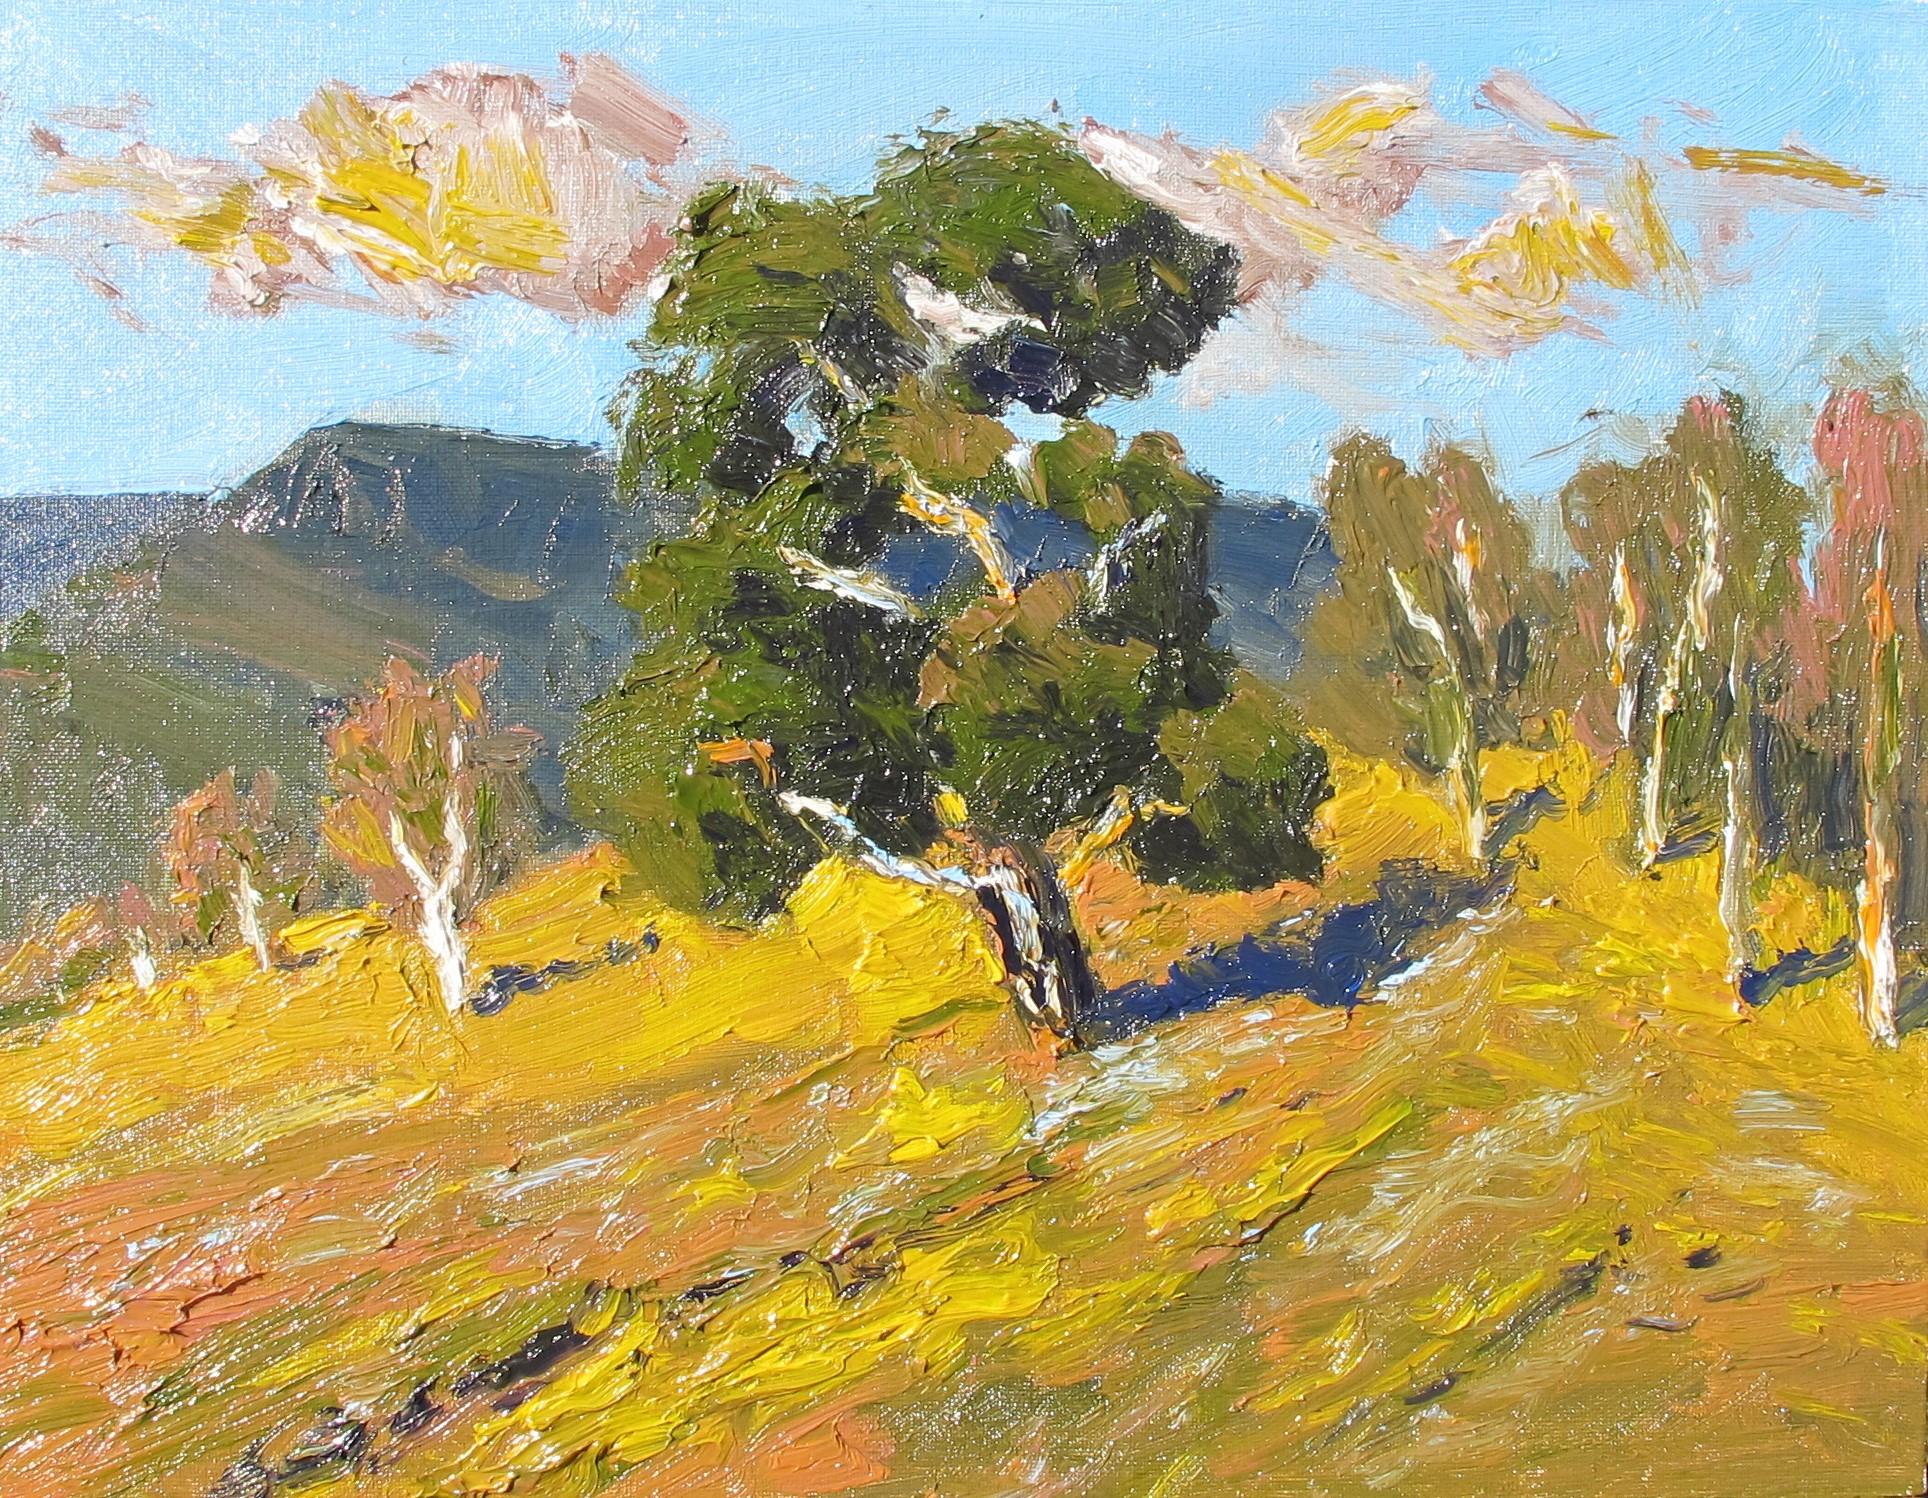 Colour study, autumn effect